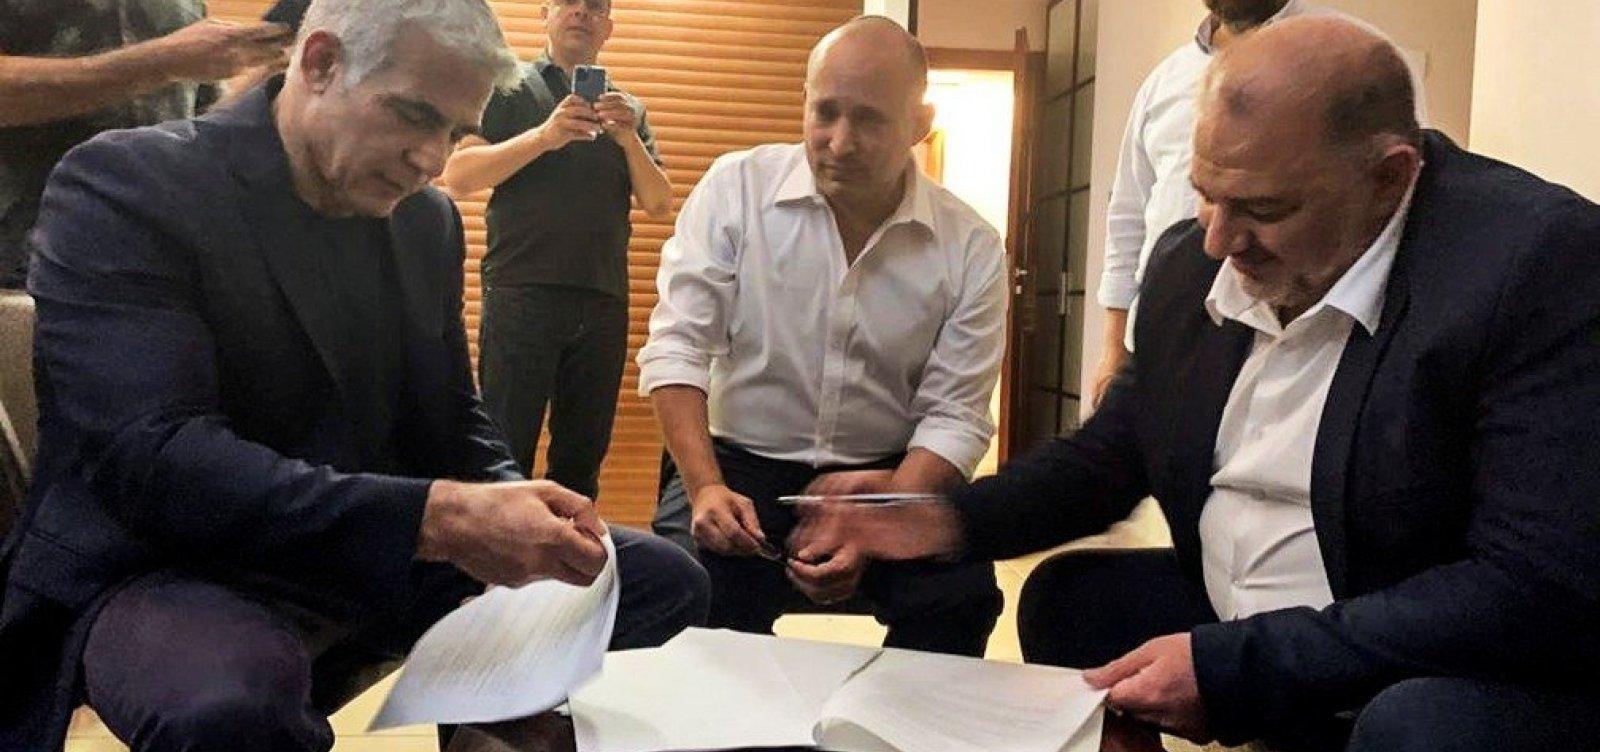 Parlamento de Israel vota amanhã mudança no governo e saída de Netanyahu